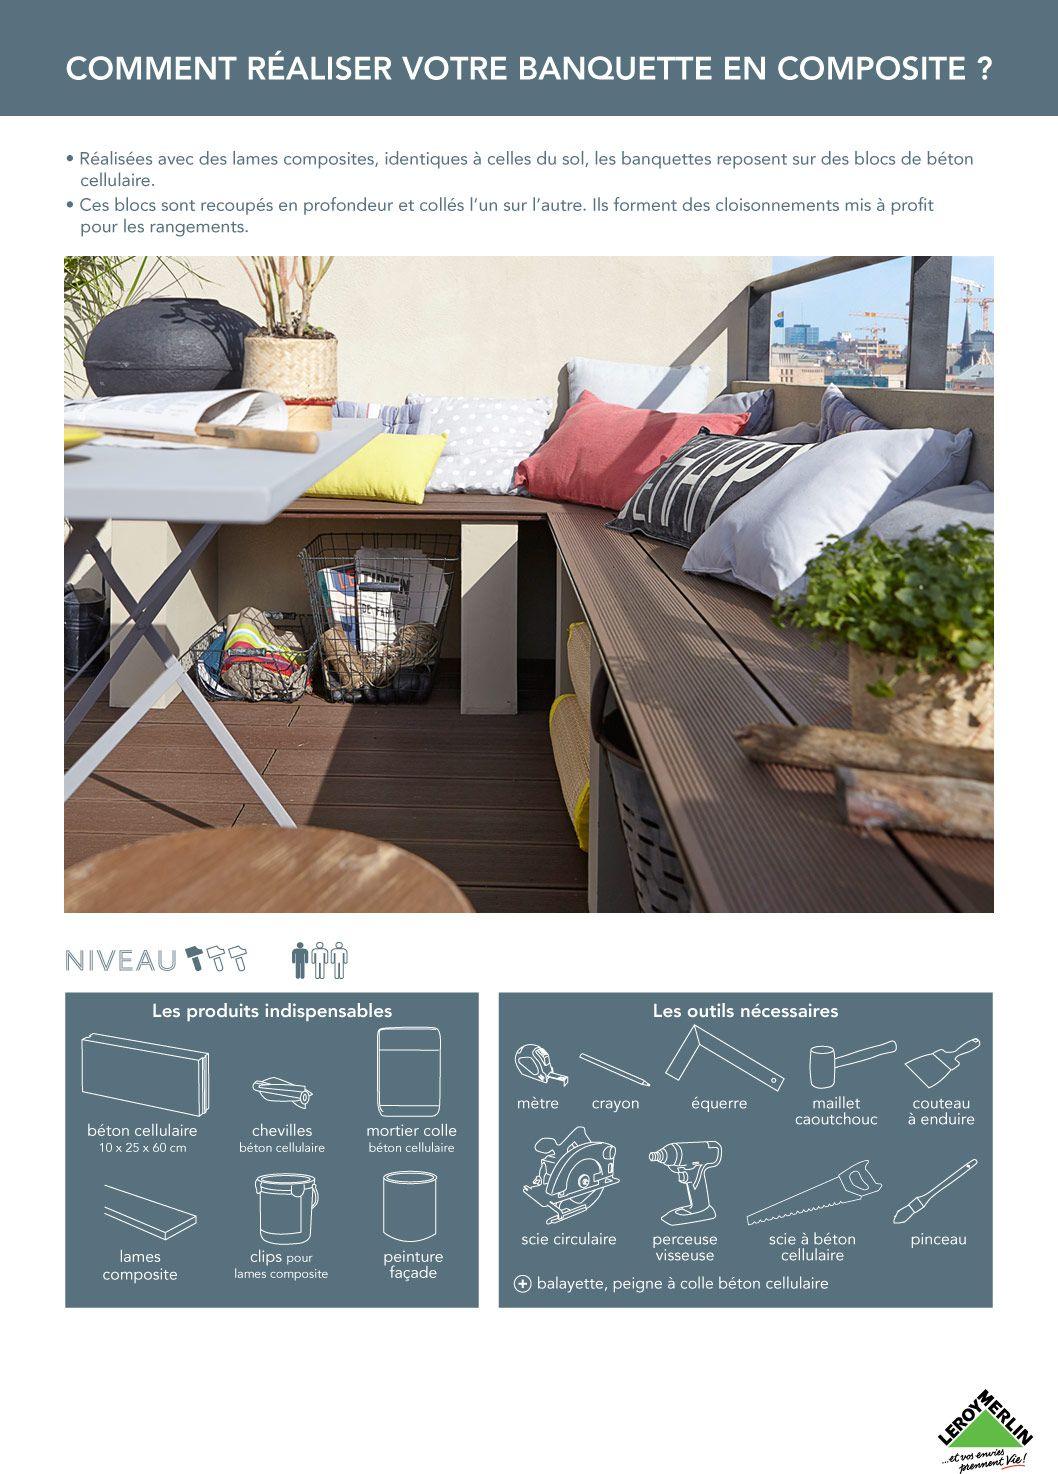 Creer Une Banquette En Composite Banquette Jardin Banquette En Bois Nettoyage Terrasse